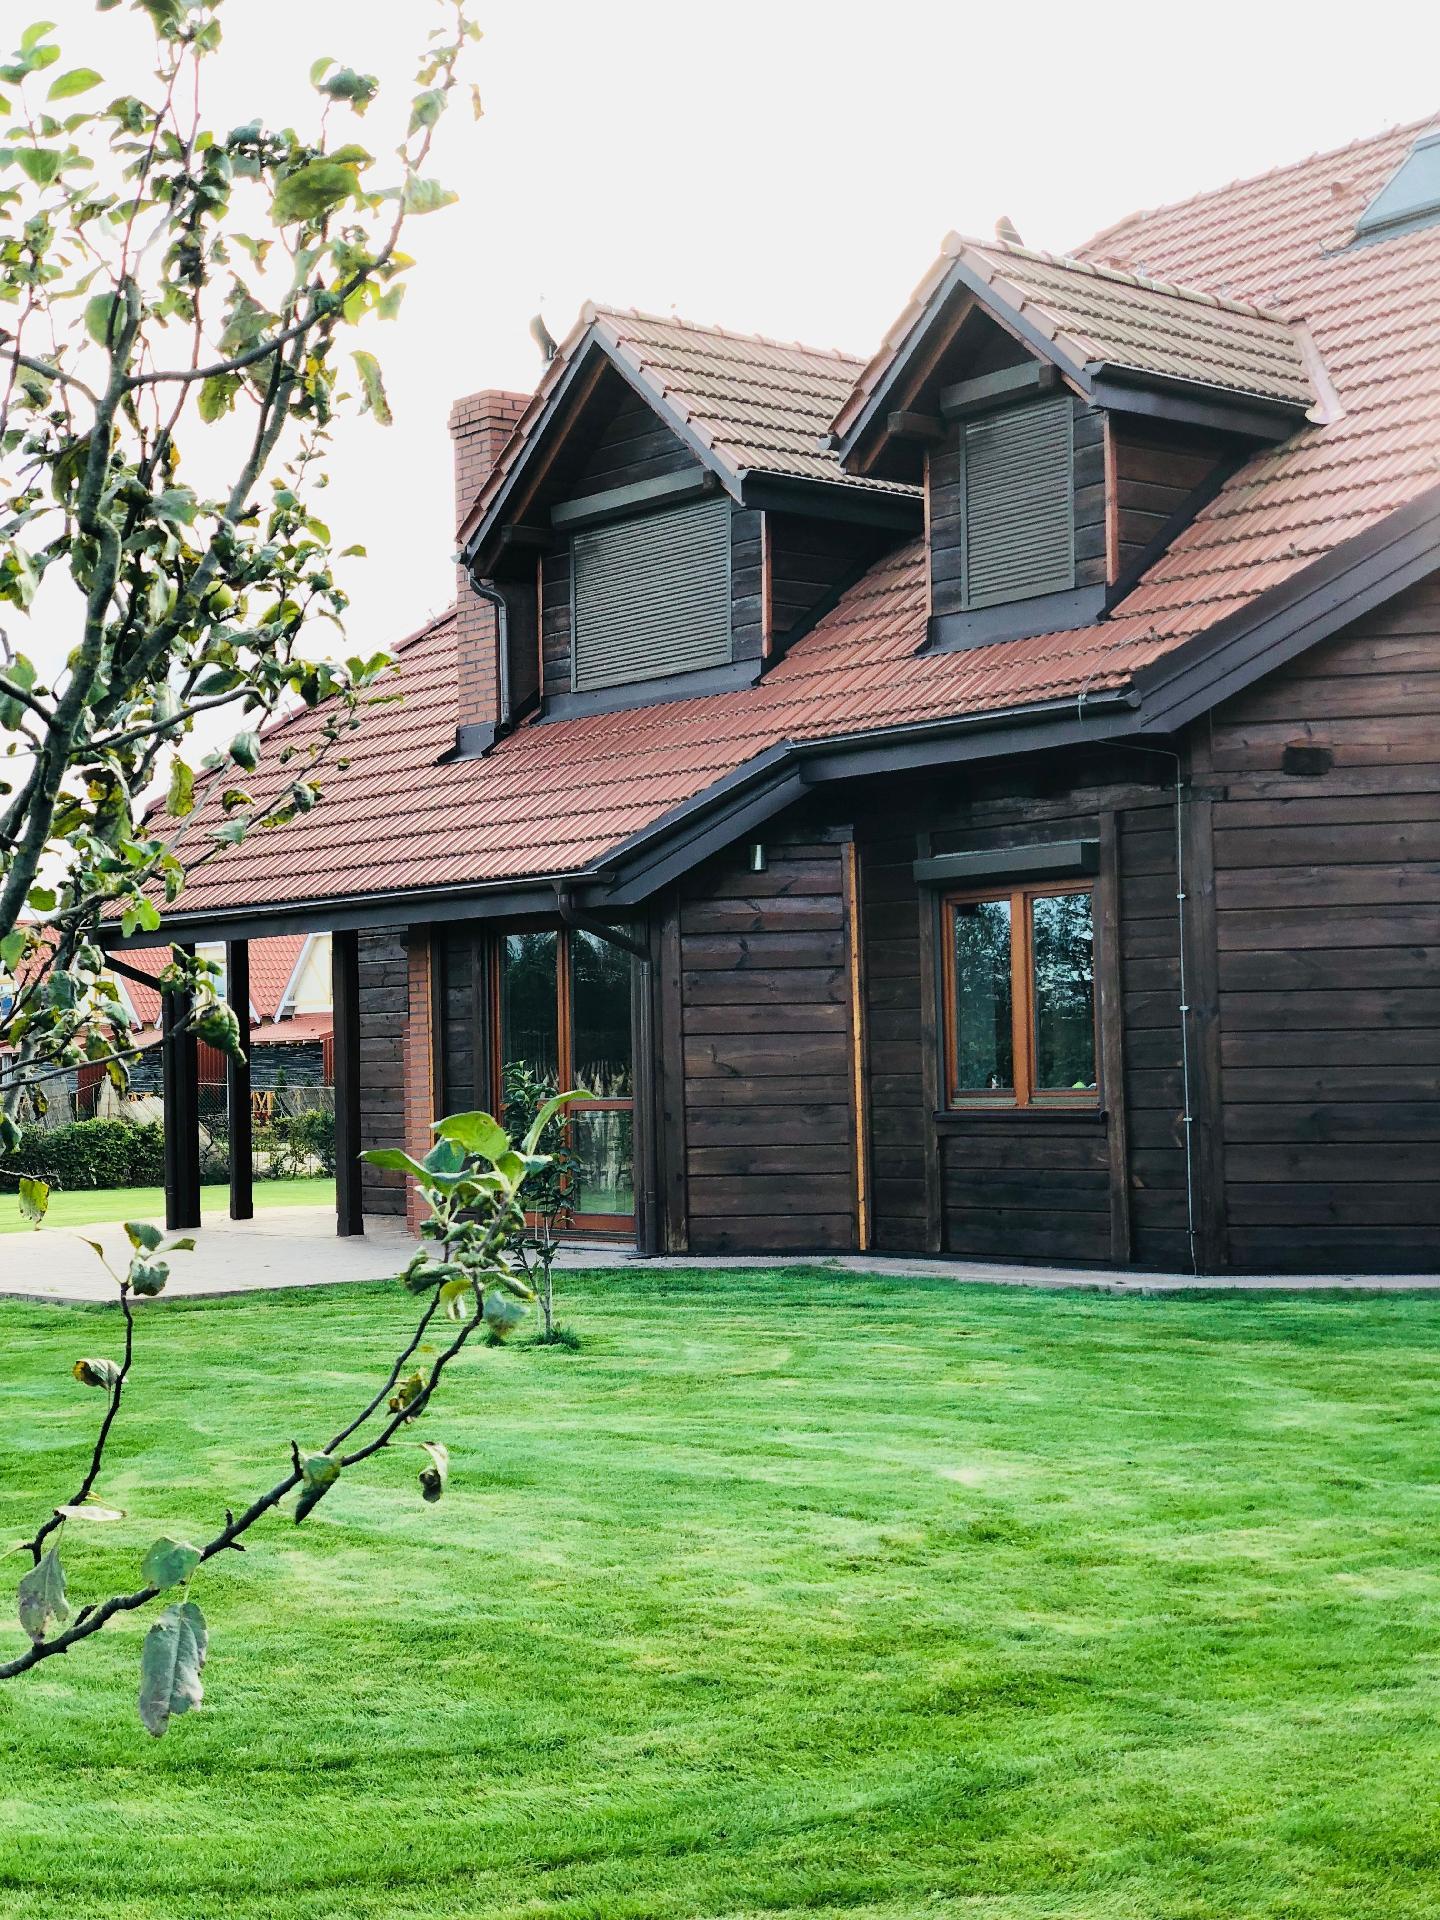 Ferienhaus für 8 Personen ca. 260 m² in   in Polen